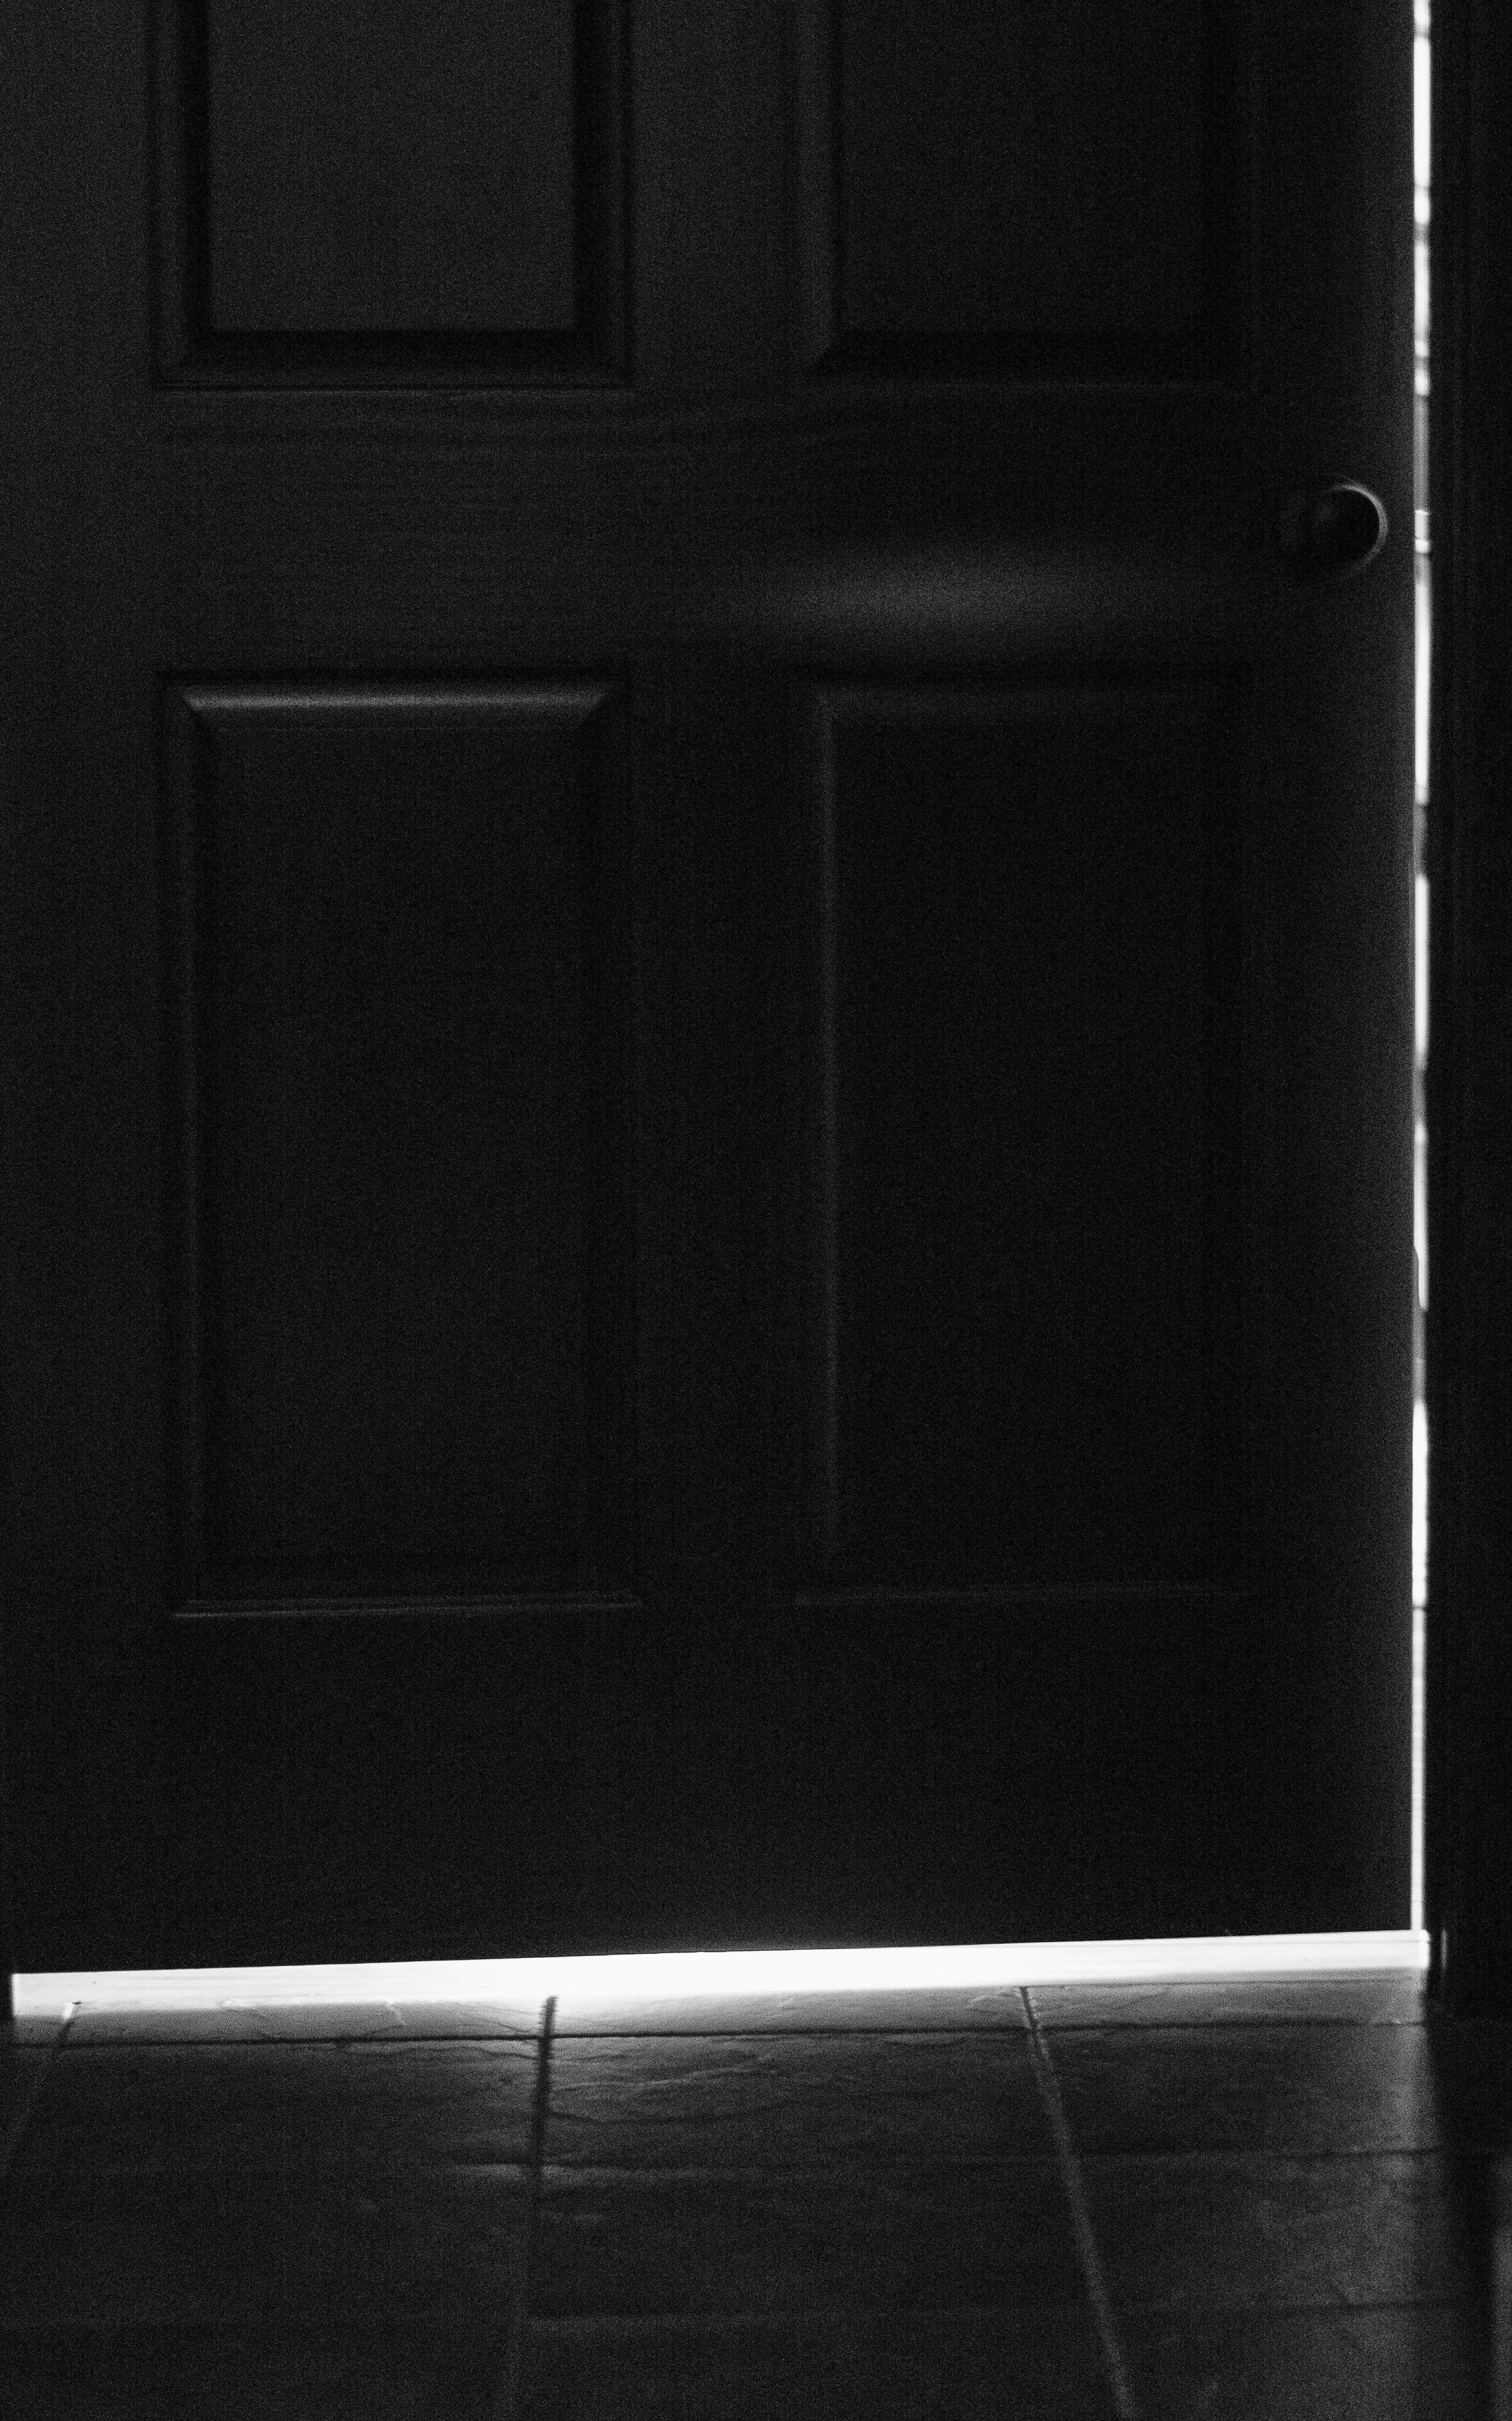 Mystery door & Mystery door u2013 Cynthia D. Bertelsenu0027s Gherkins u0026 Tomatoes